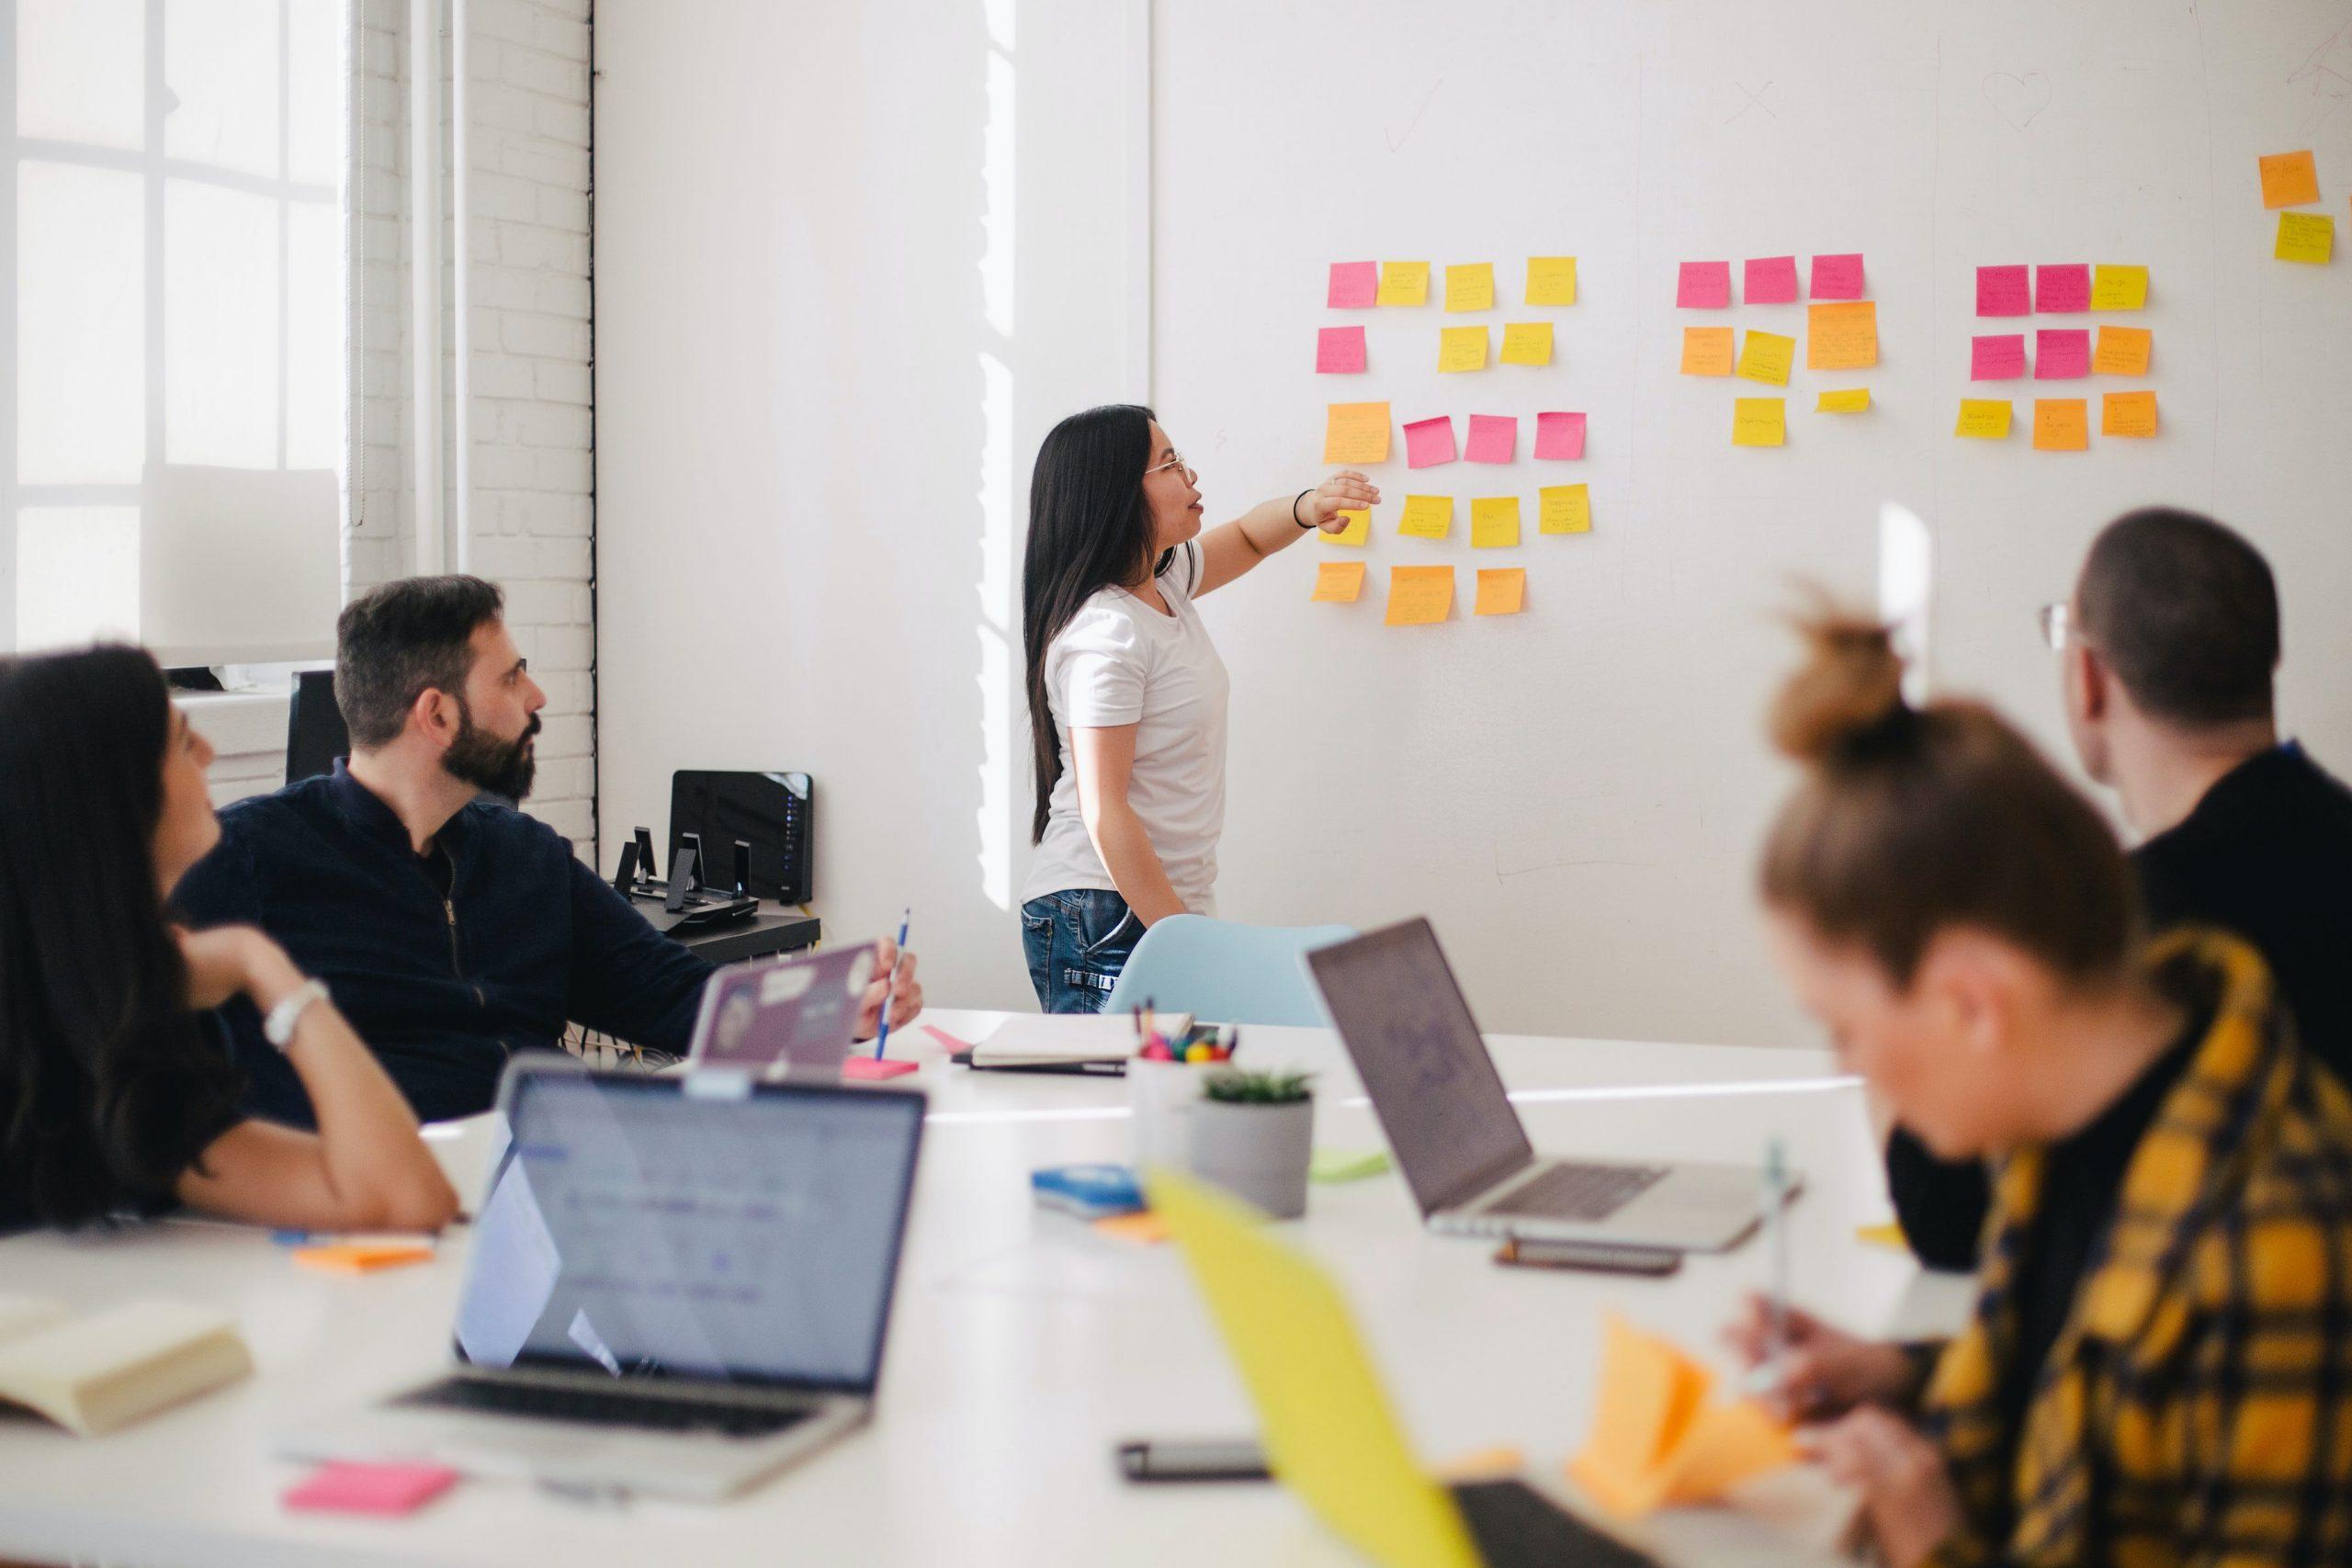 Werken met een intercultureel team: waar moet je op letten?